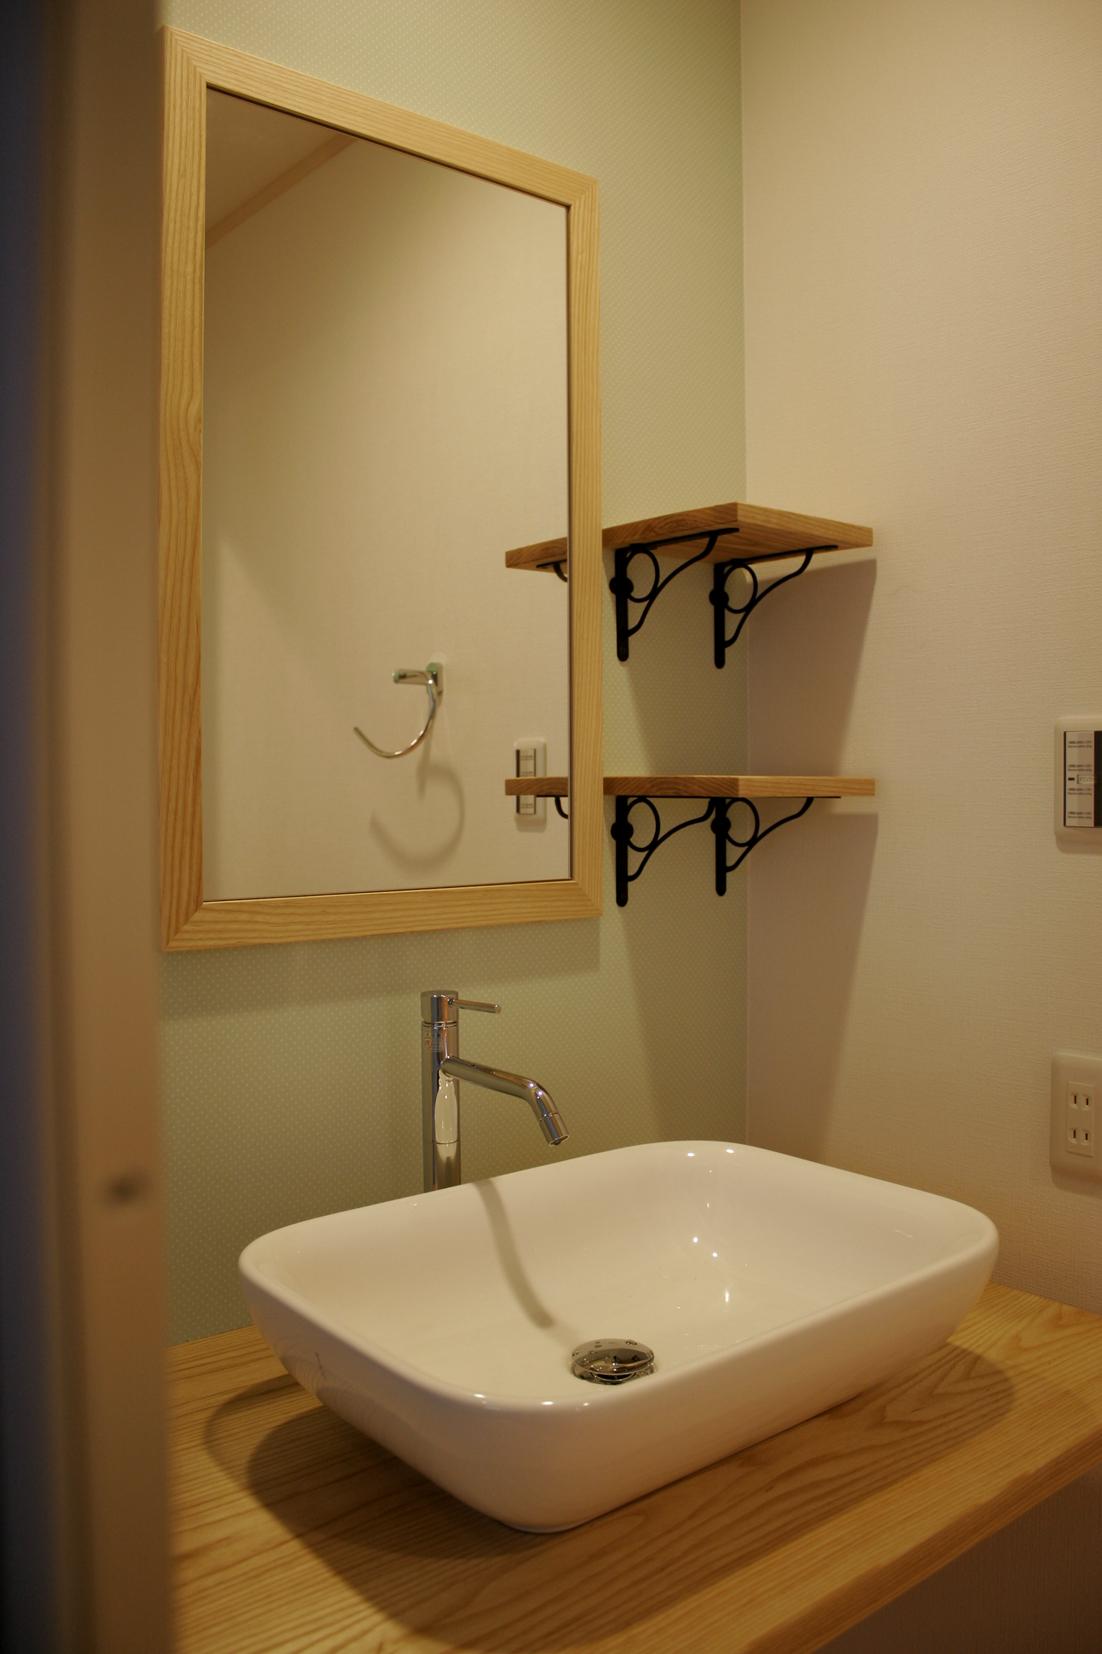 手洗いカウンター | オーダーメイド家具 | 新築家具 | 山形・仙台を中心にオリジナル家具・オーダー家具、インテリアのデザイン・製作・納品をおこなっています。おしゃれ。